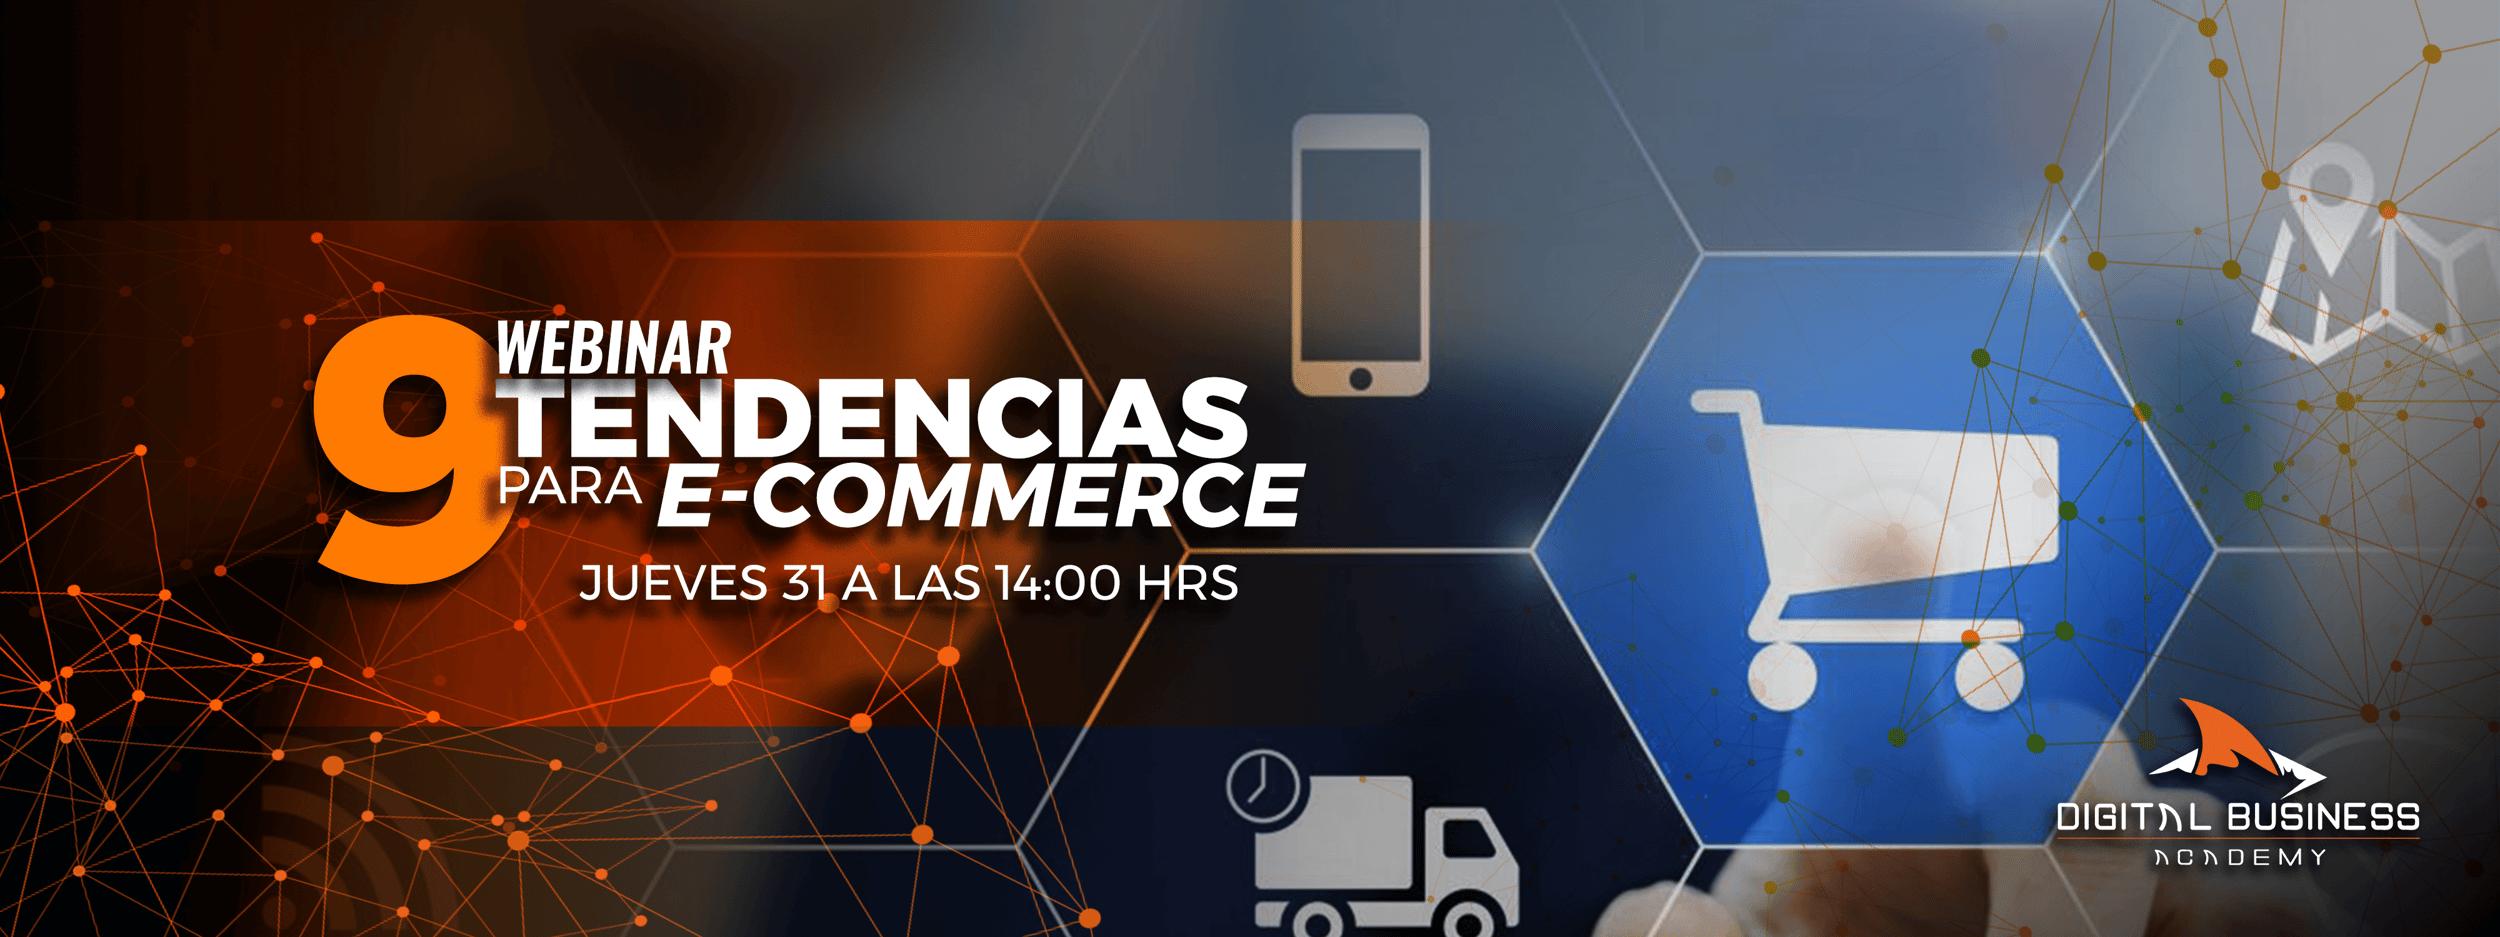 webinar lP ESCRITORIO_9 tendencias ecommerce